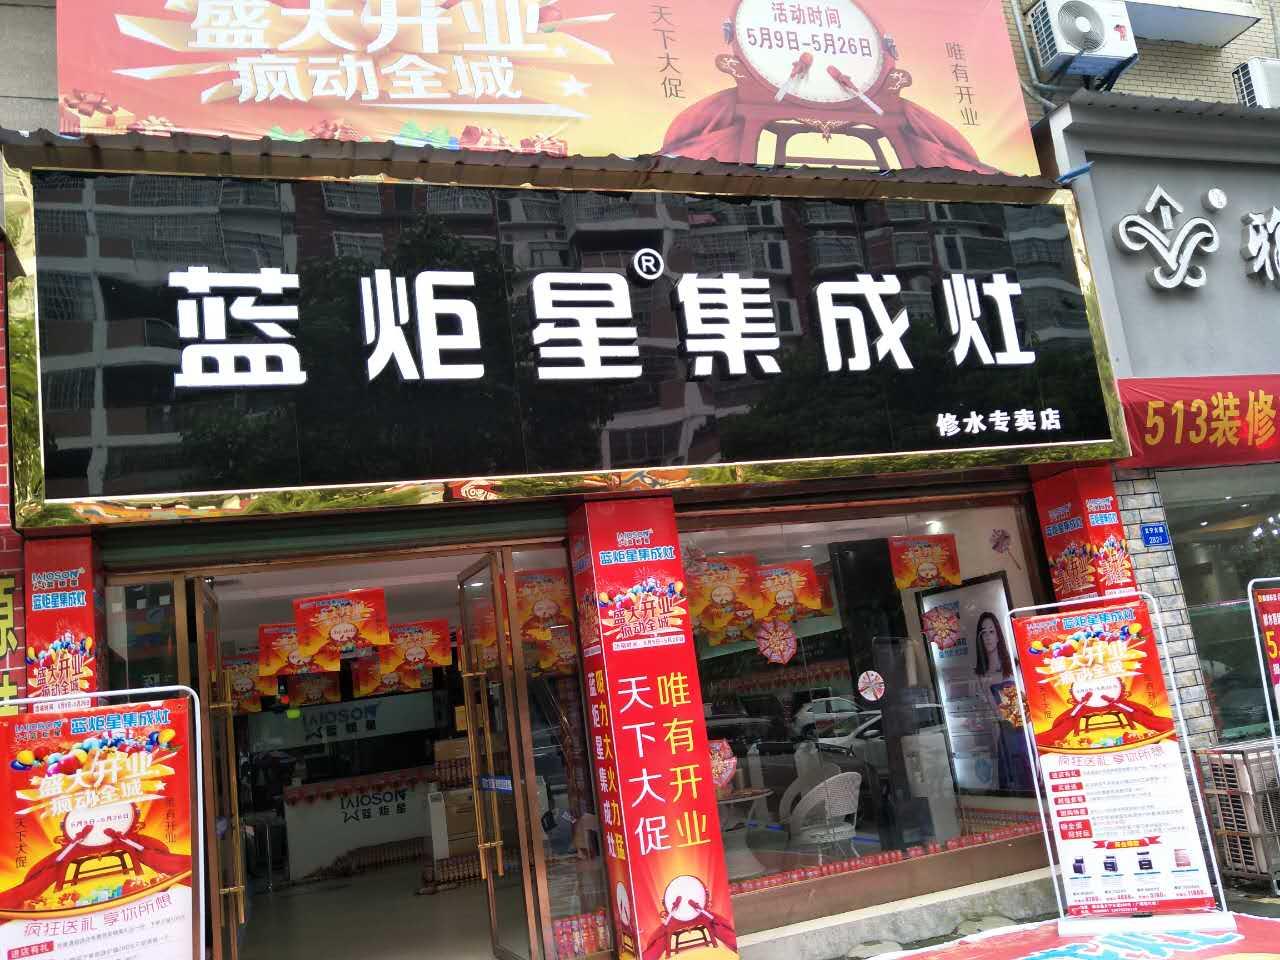 蓝炬星集成灶江西九江修水专卖店